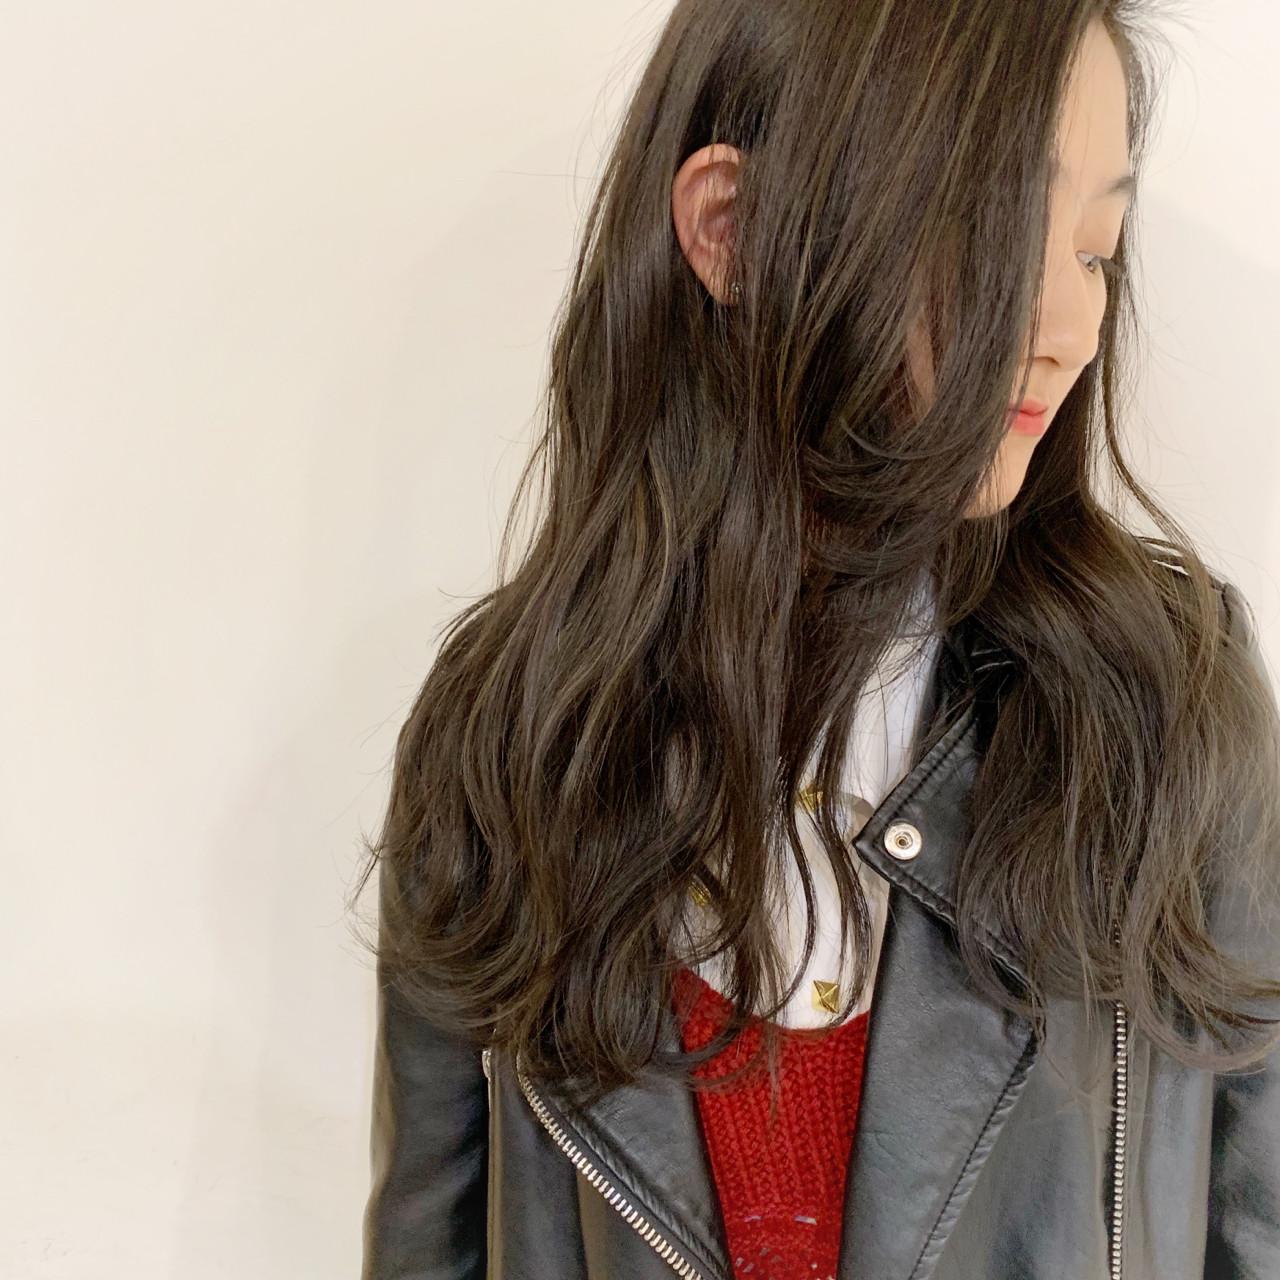 秋 ストリート ゆるふわ ロング ヘアスタイルや髪型の写真・画像 | ボブ/ミディアム/ACQUA表参道古本慶次 / ACQUA表参道